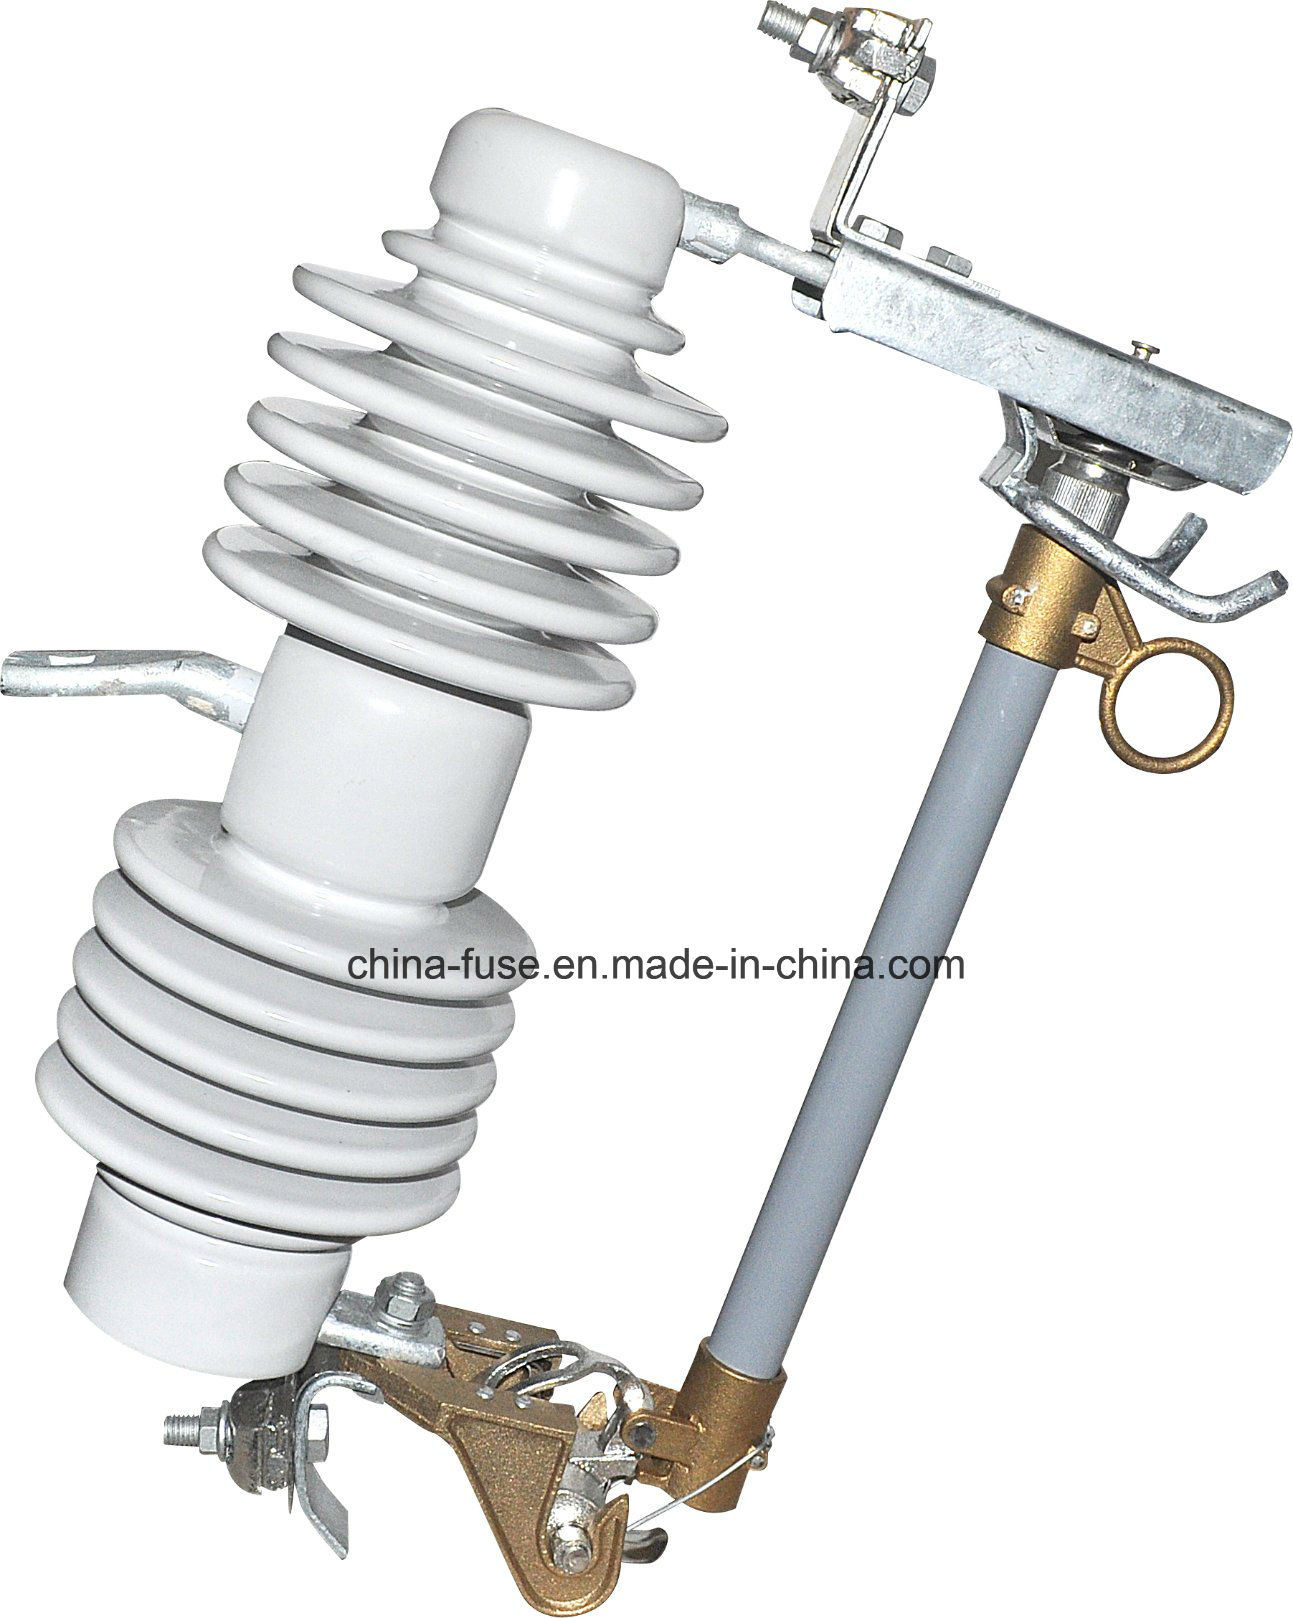 High Voltage Porcelain Fuse Cutout, Drop out Fuse 24kv 100A